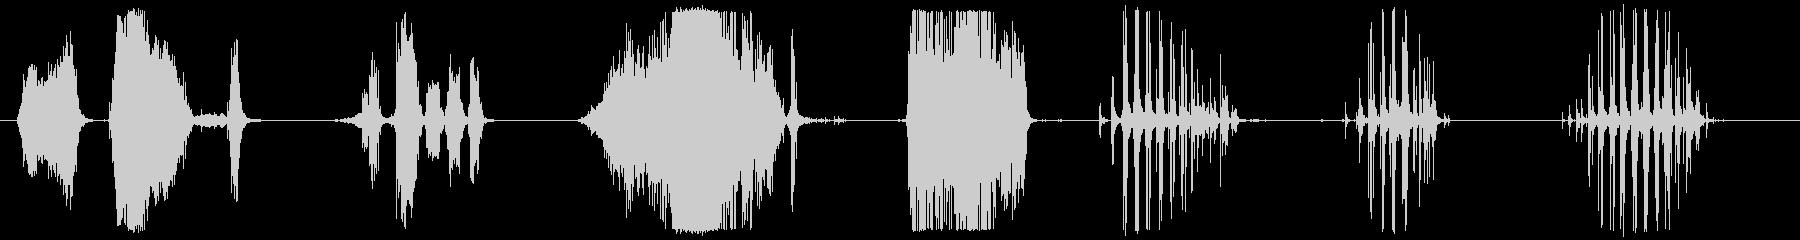 ガーニースキッドサイドウェイズ8X。の未再生の波形